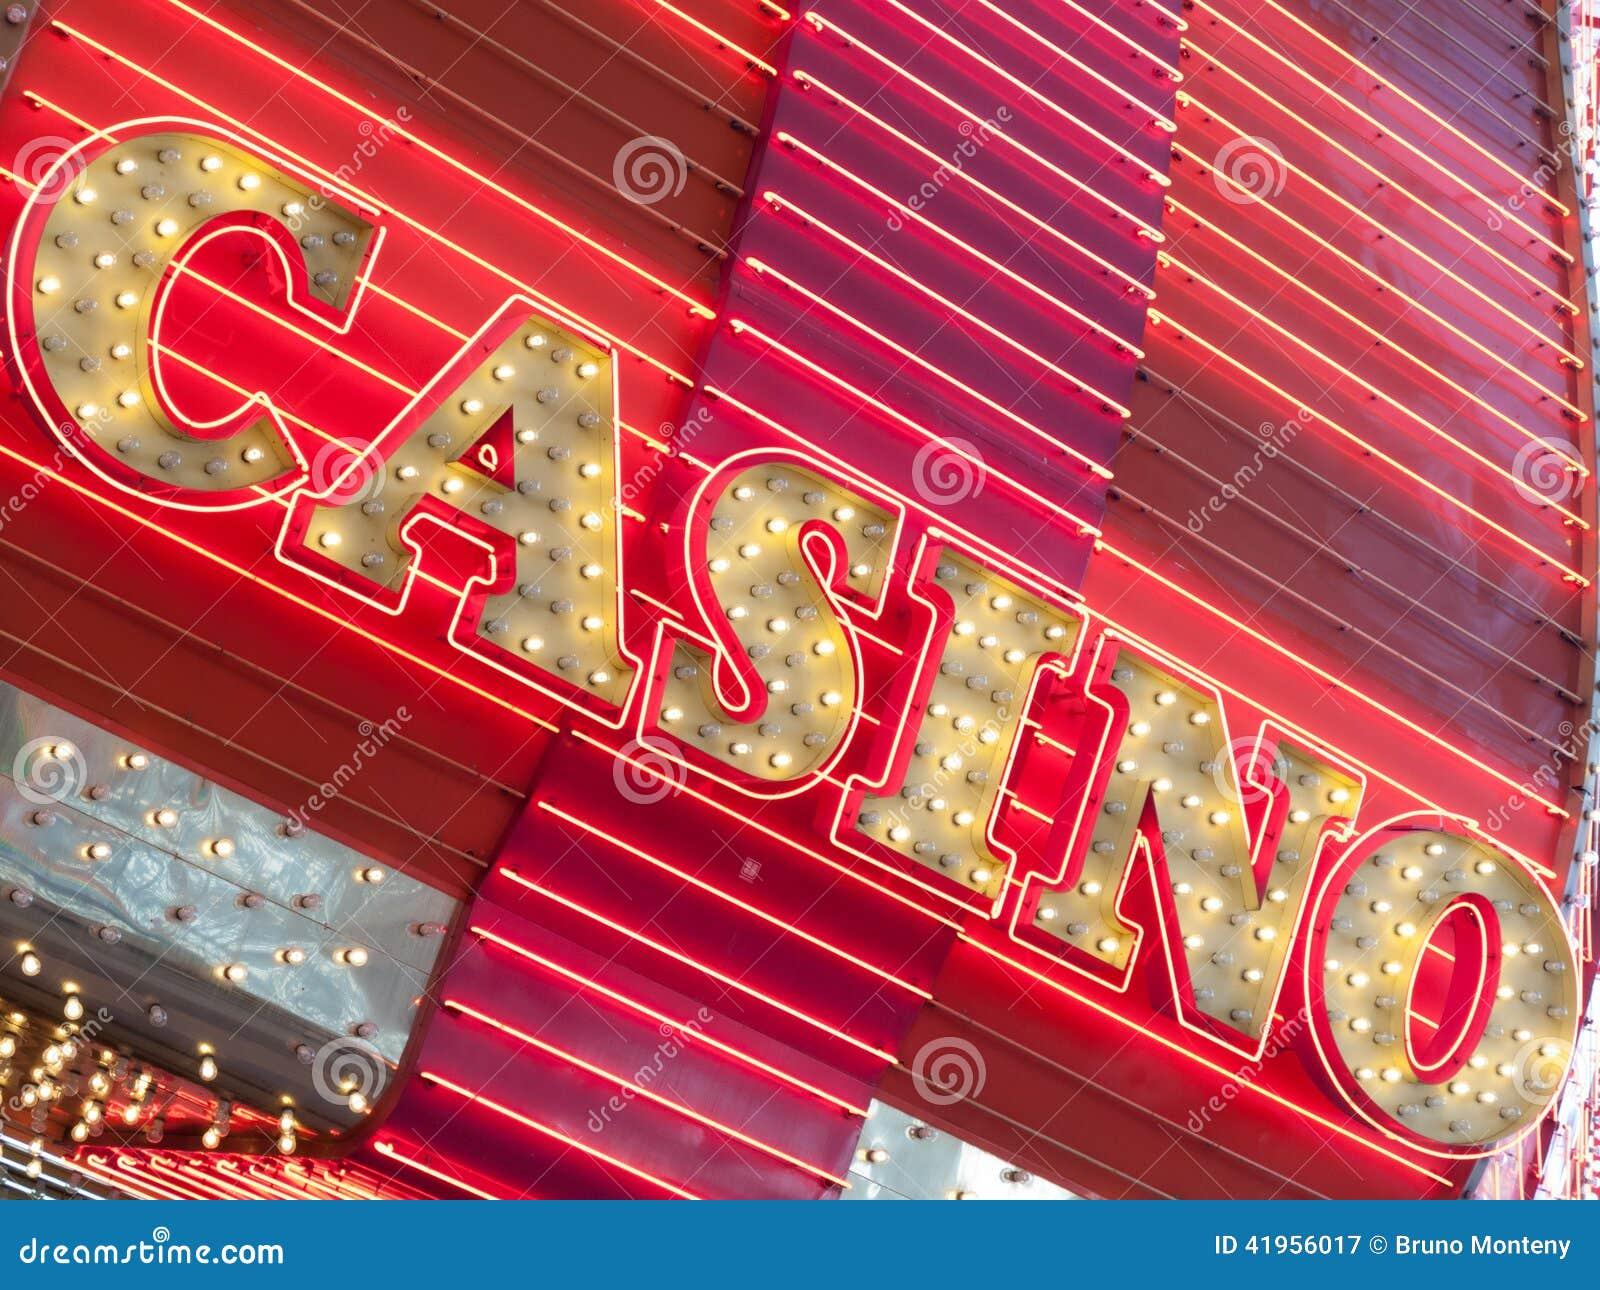 Азартные Слоты Онлайн